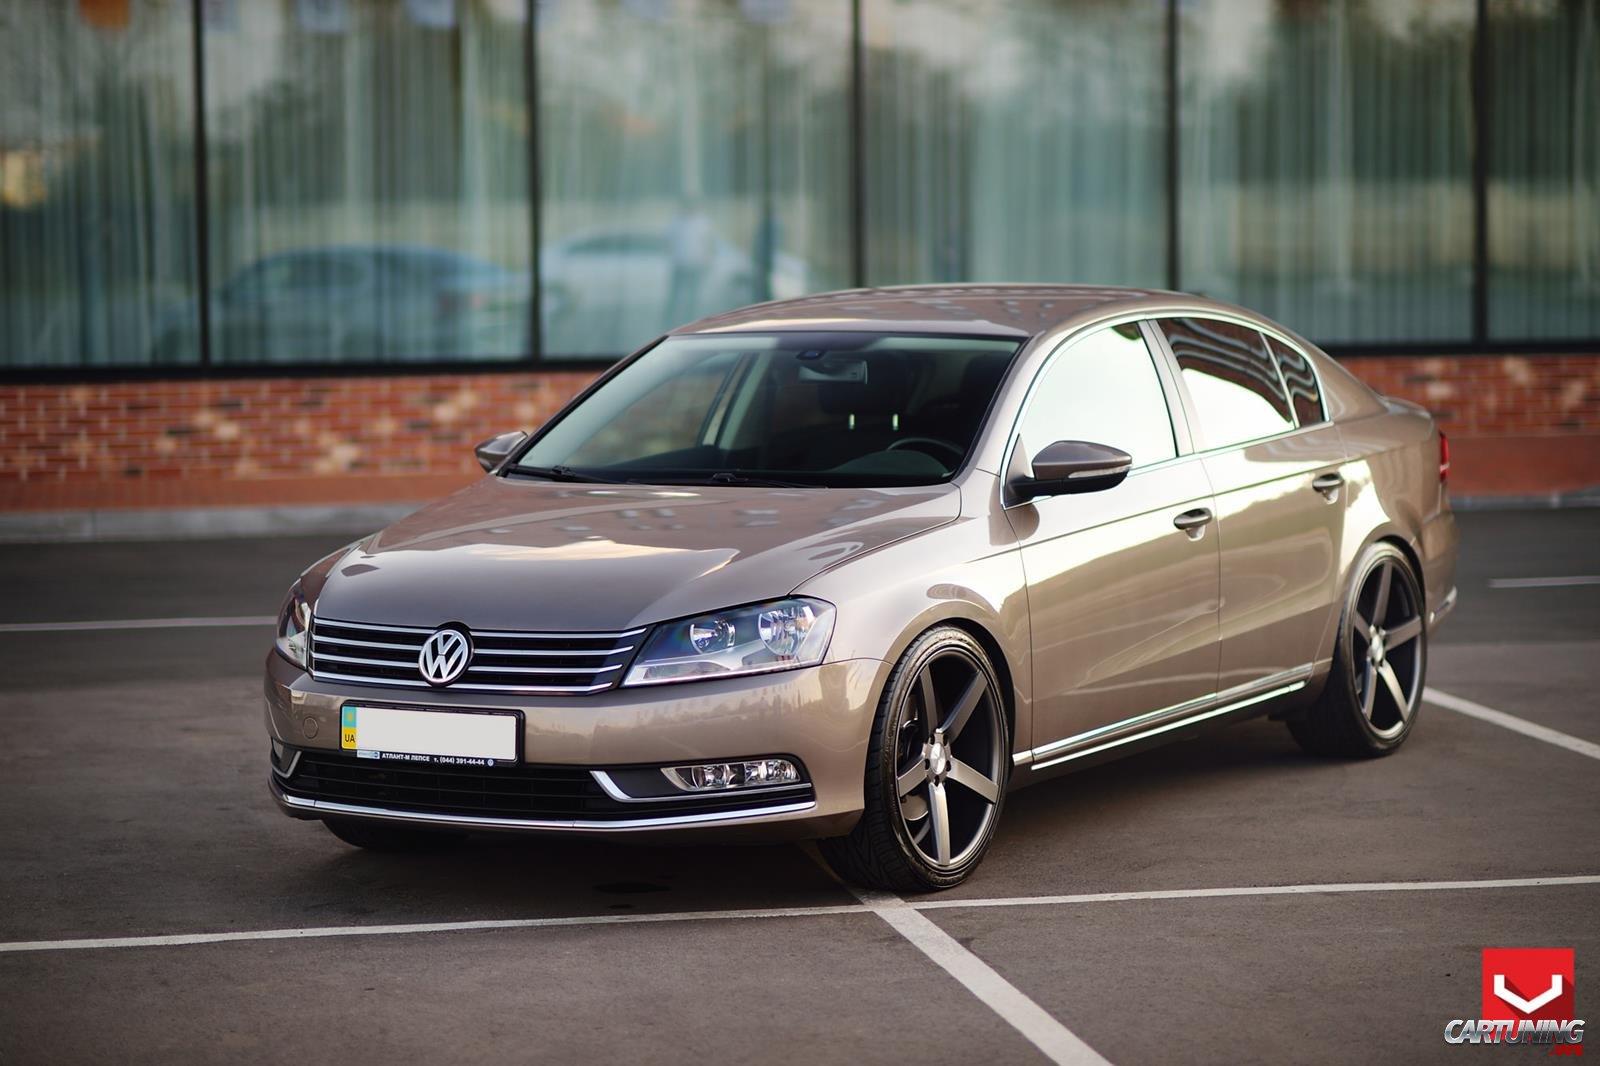 Tuning Volkswagen Passat B7